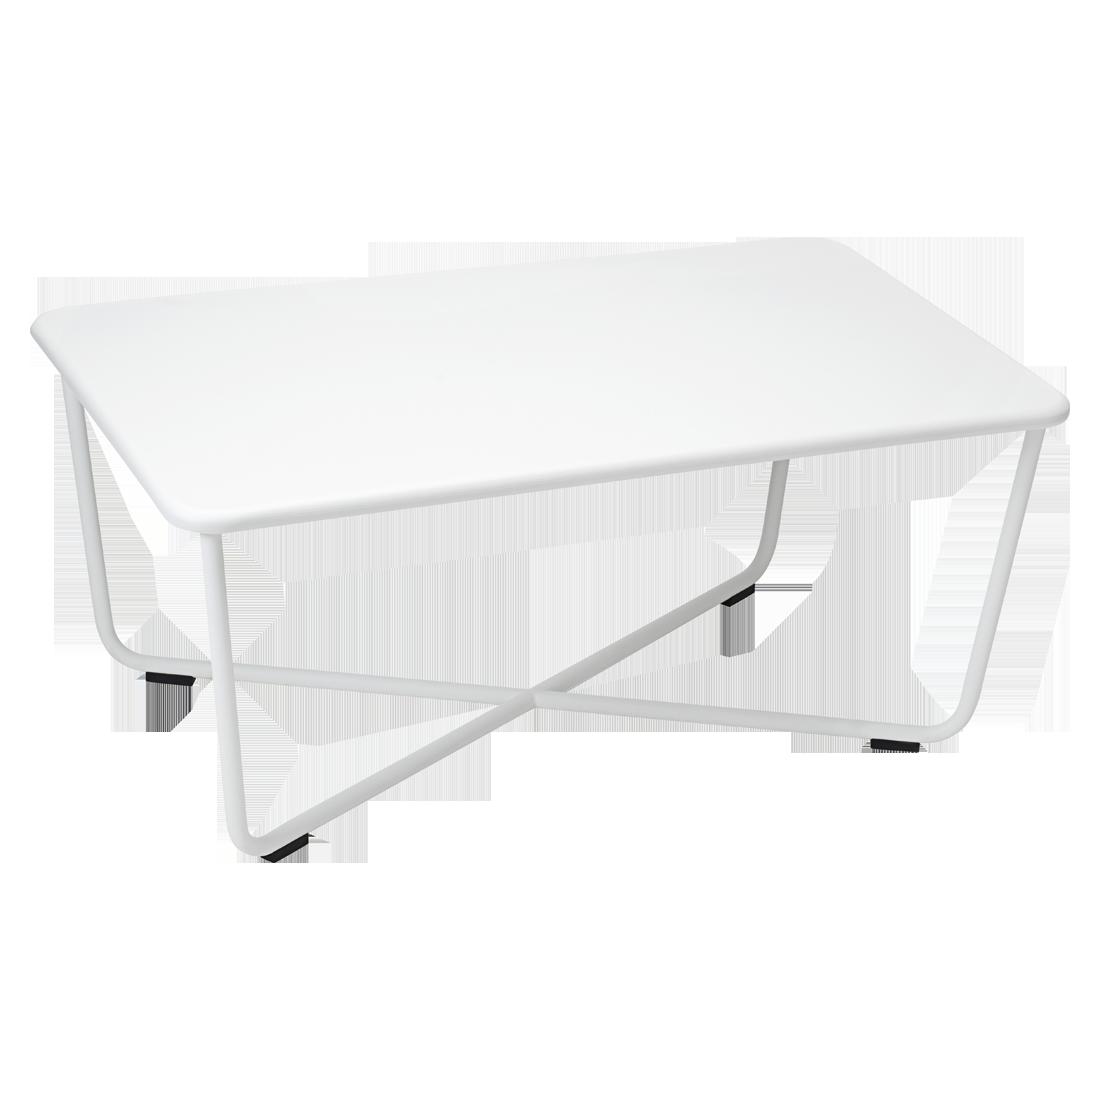 Table basse croisette de fermob blanc coton - Table basse fermob ...